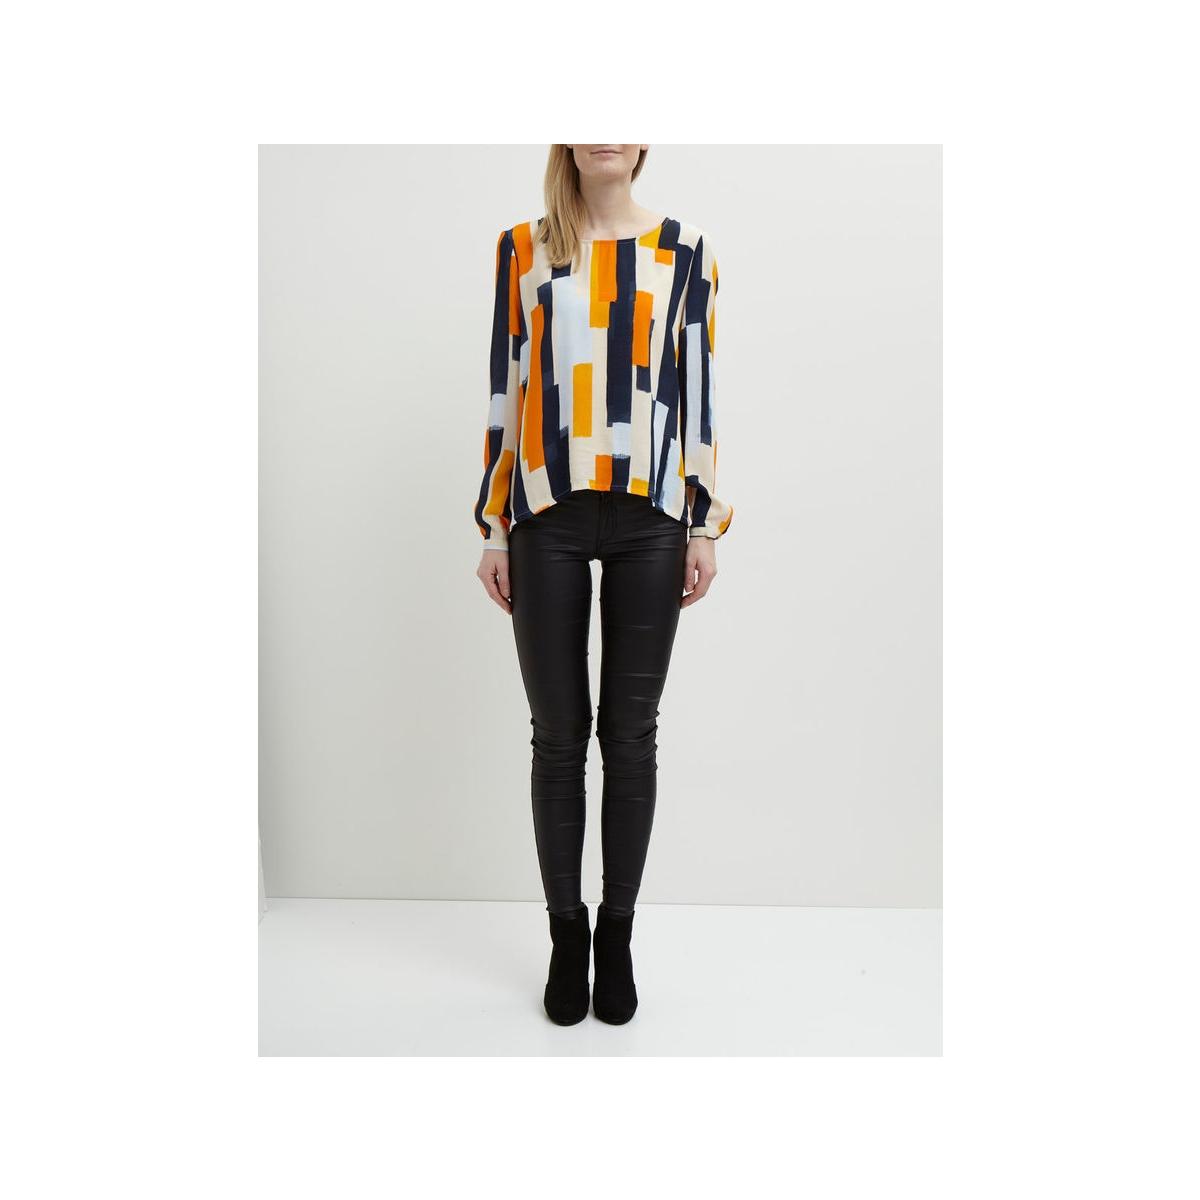 vinaly l/s back detail top 14041709 vila blouse total eclipse/combo